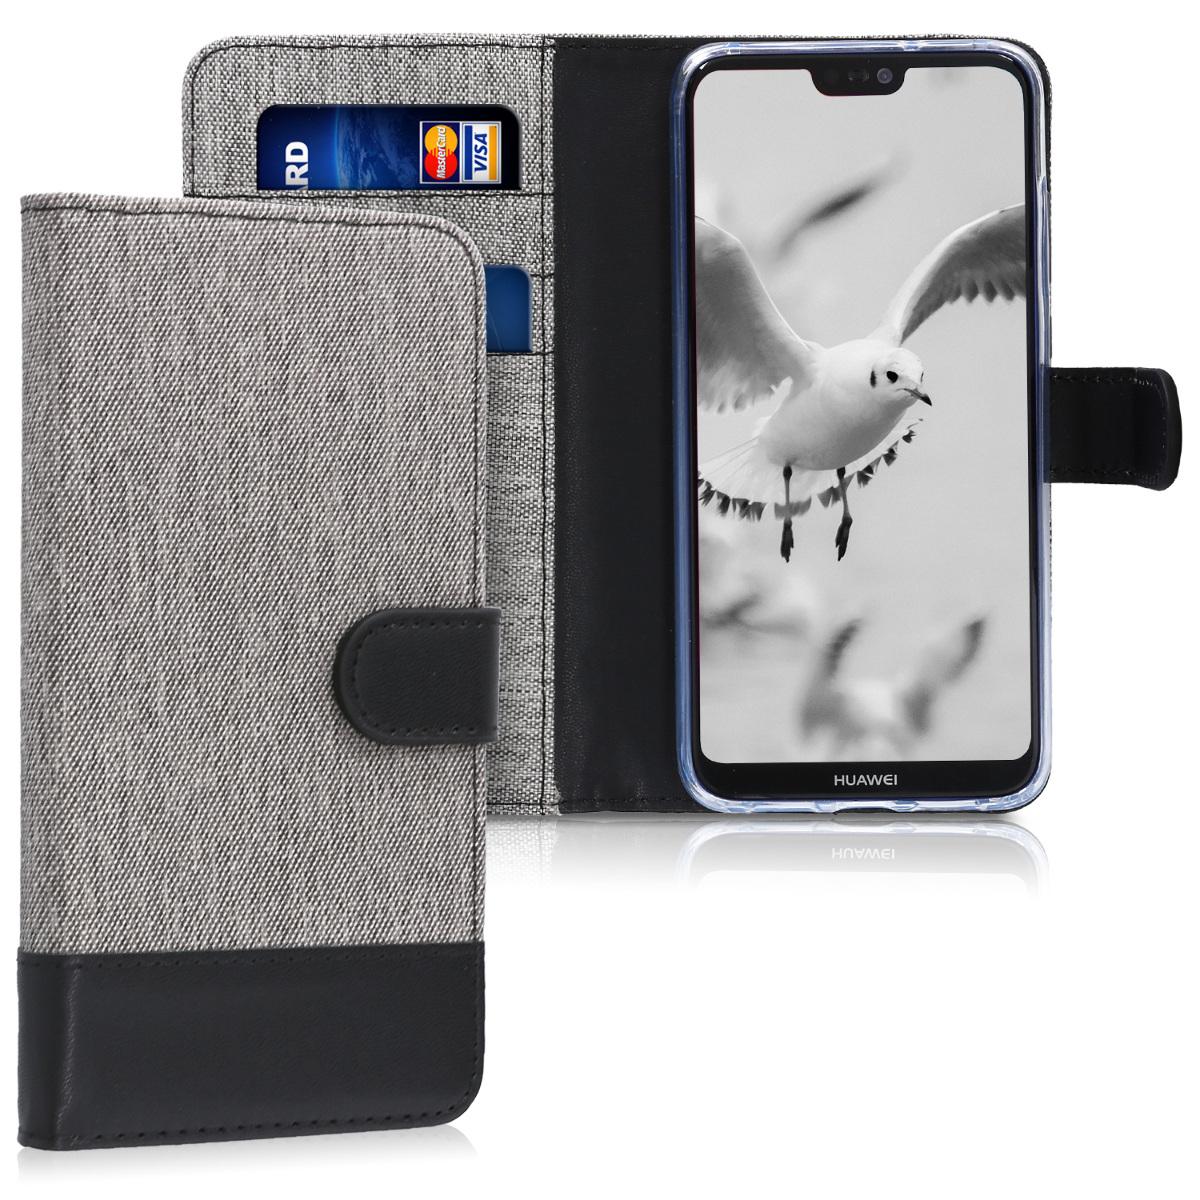 KW Θήκη Πορτοφόλι Huawei P20 - Grey / Black (44213.01)